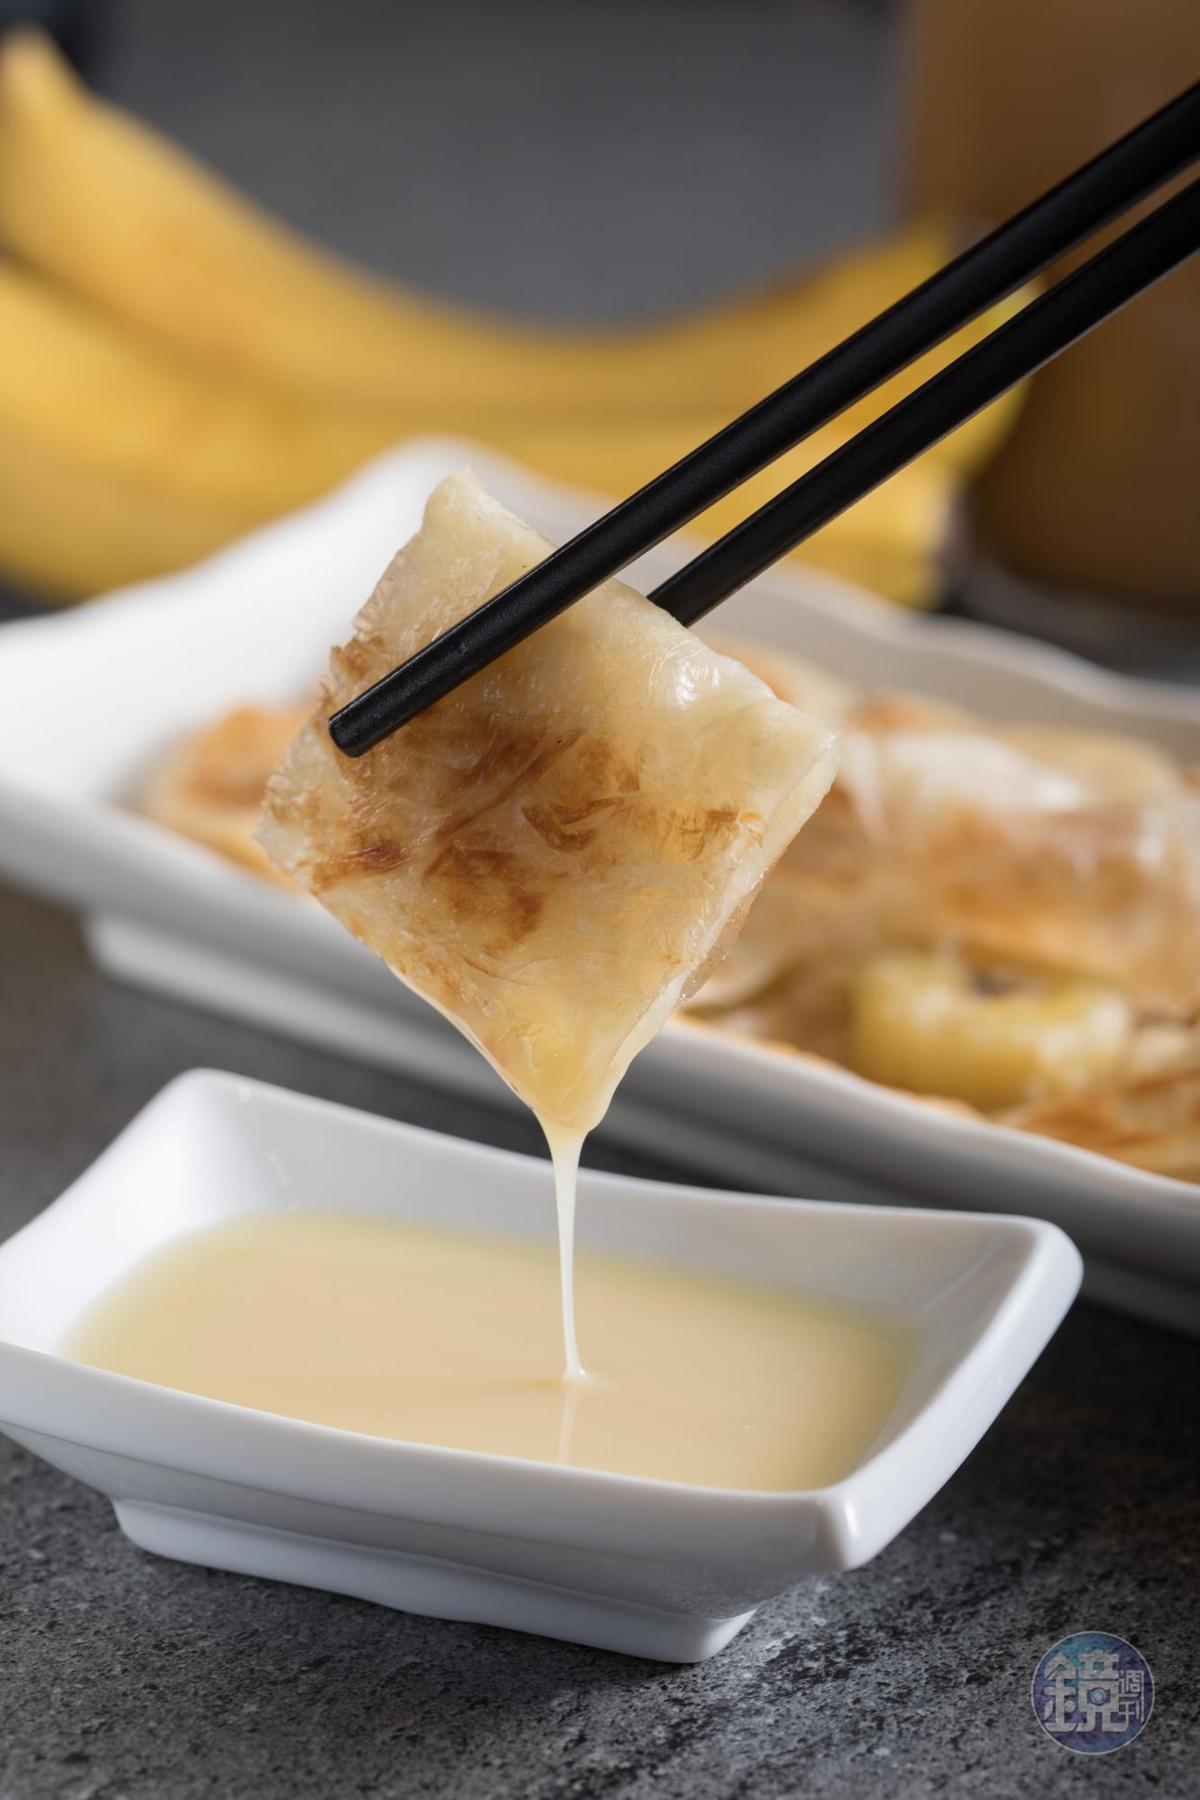 包著切片香蕉的「印度甩餅」煎得金黃,蘸煉乳入口,蜜甜令人陶醉。(85元/份)